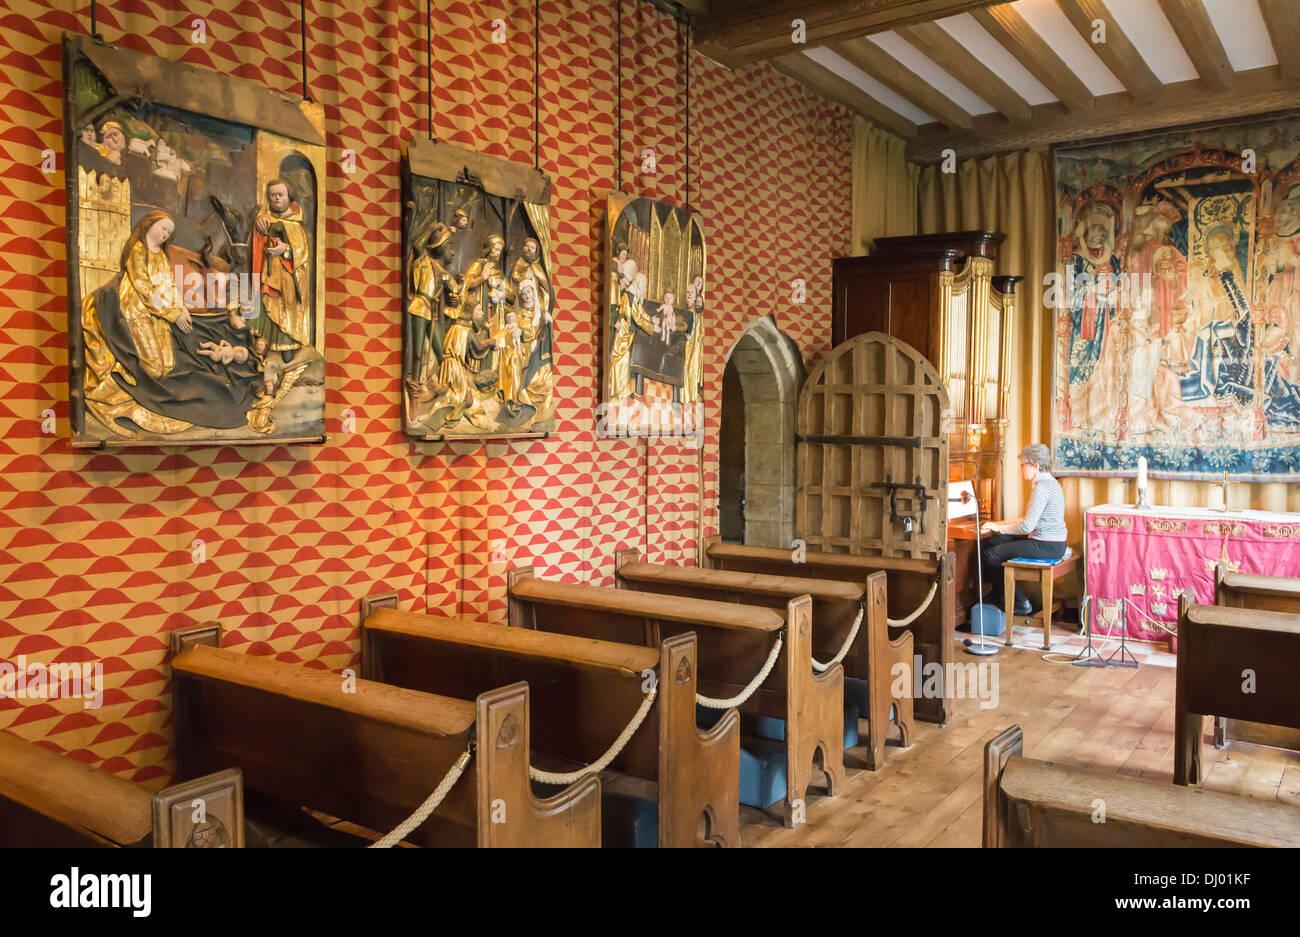 inside castle chapel stock photos & inside castle chapel stock